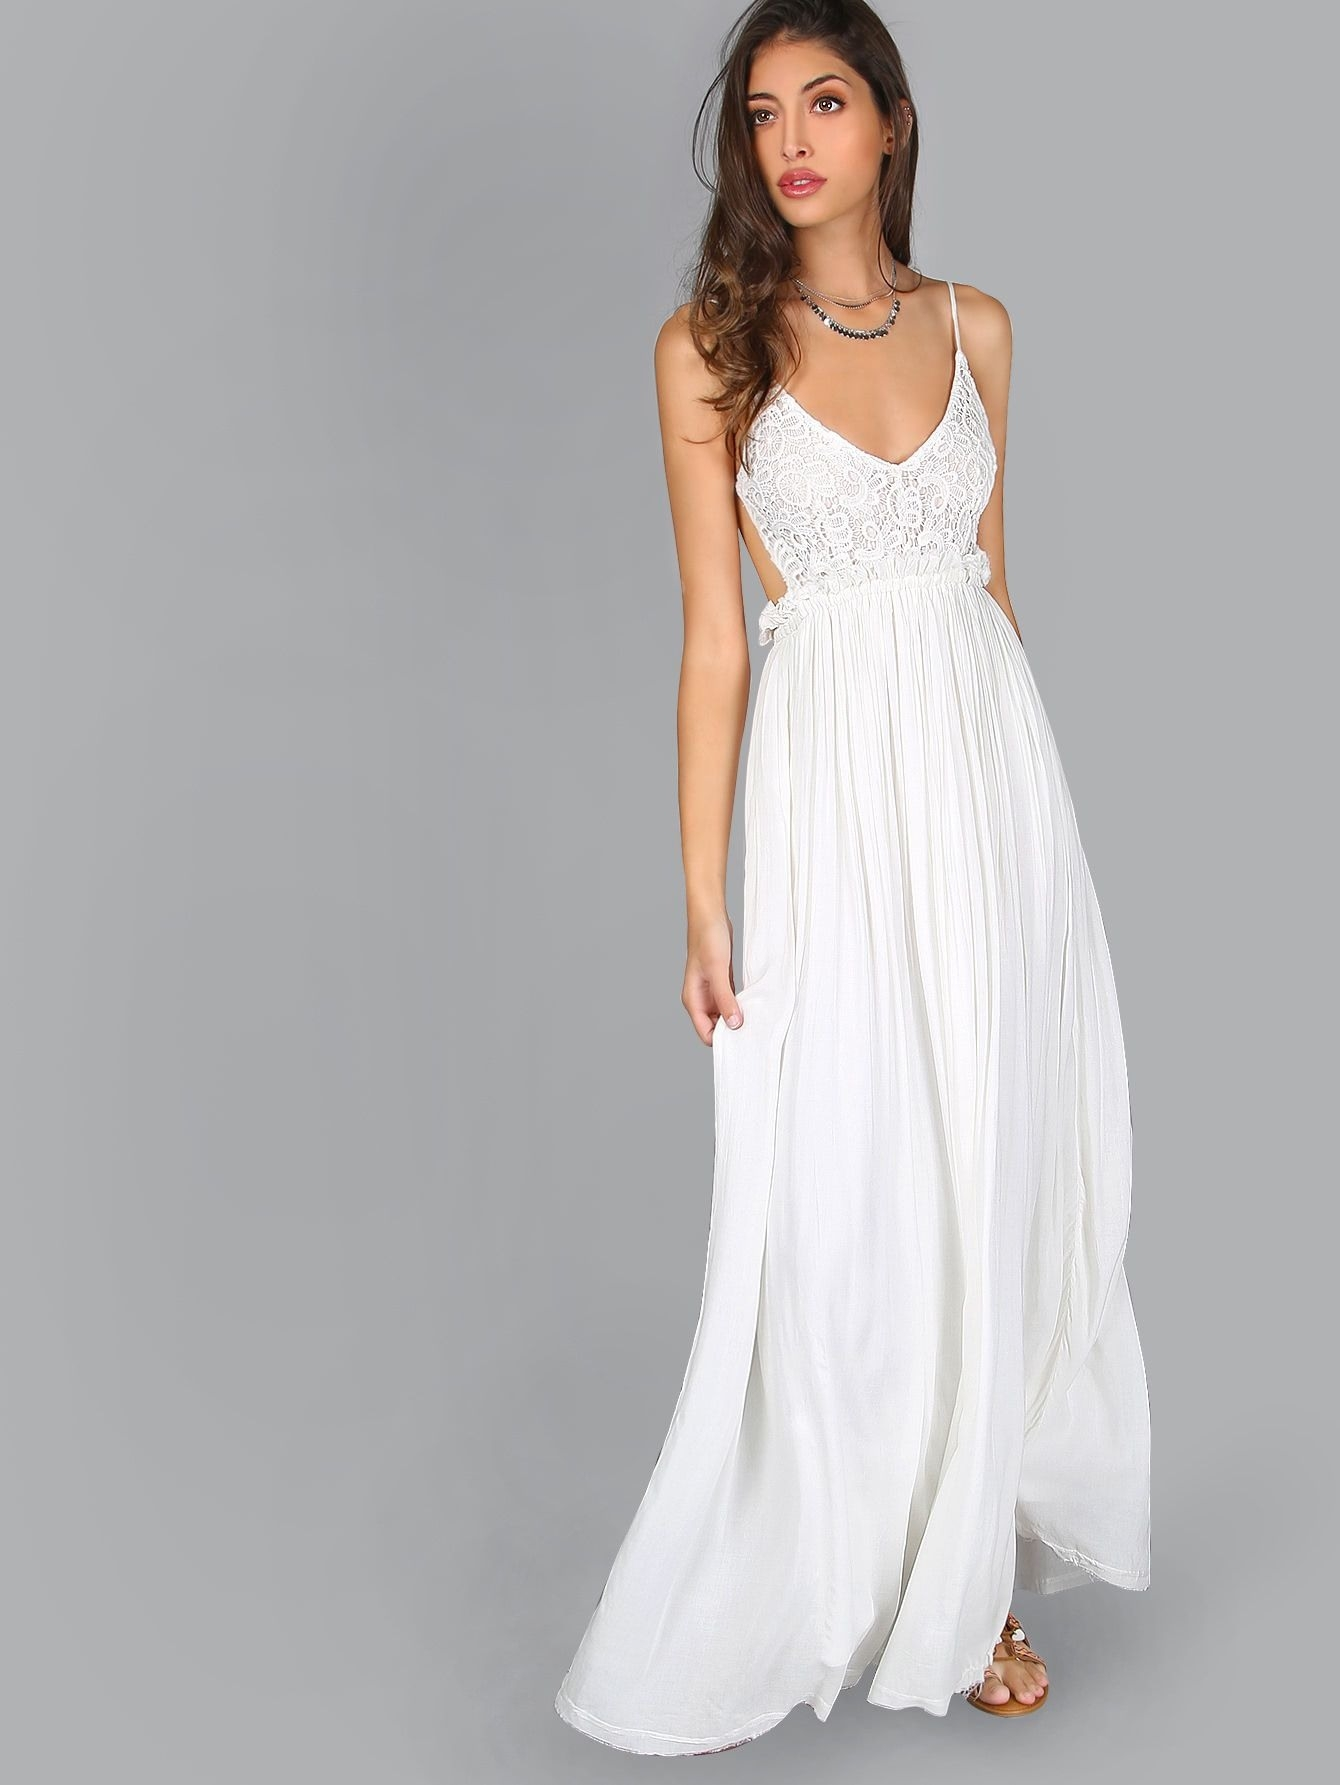 17 Schön Abendkleid Weiß Lang Boutique10 Perfekt Abendkleid Weiß Lang Galerie